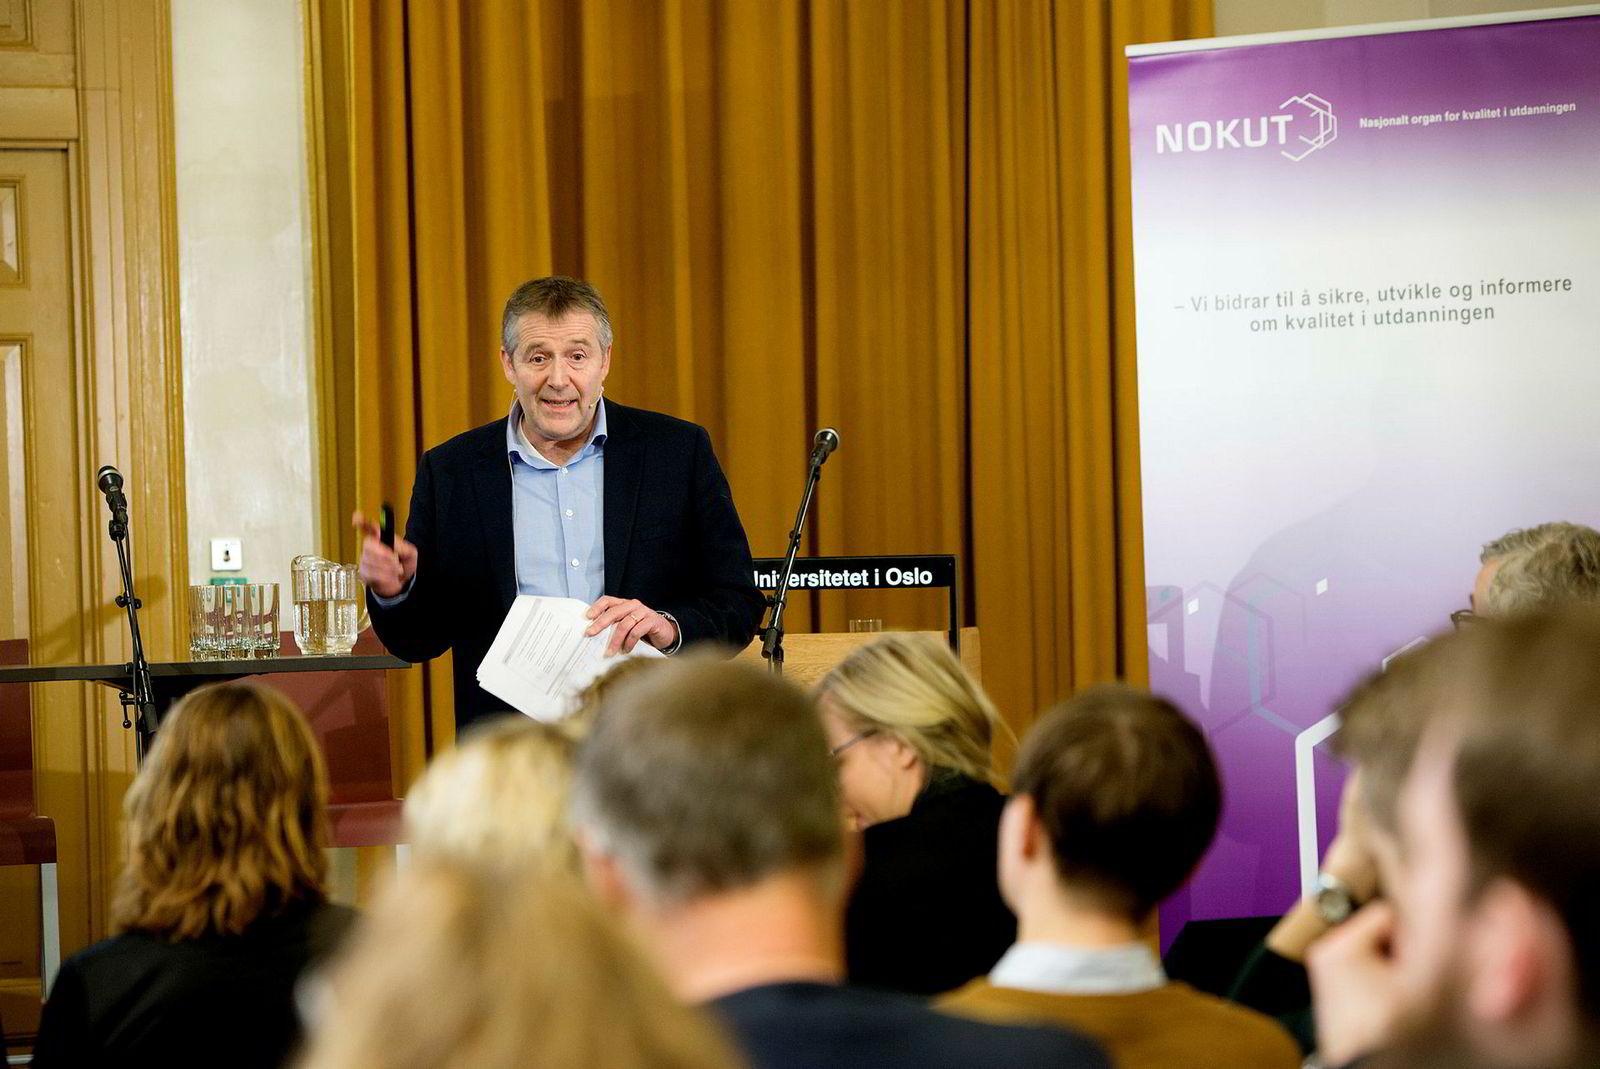 Analysedirektør Ole Jacob Skodvin i Nokut under fremleggelsen av Underviserundersøkelsen 2016.